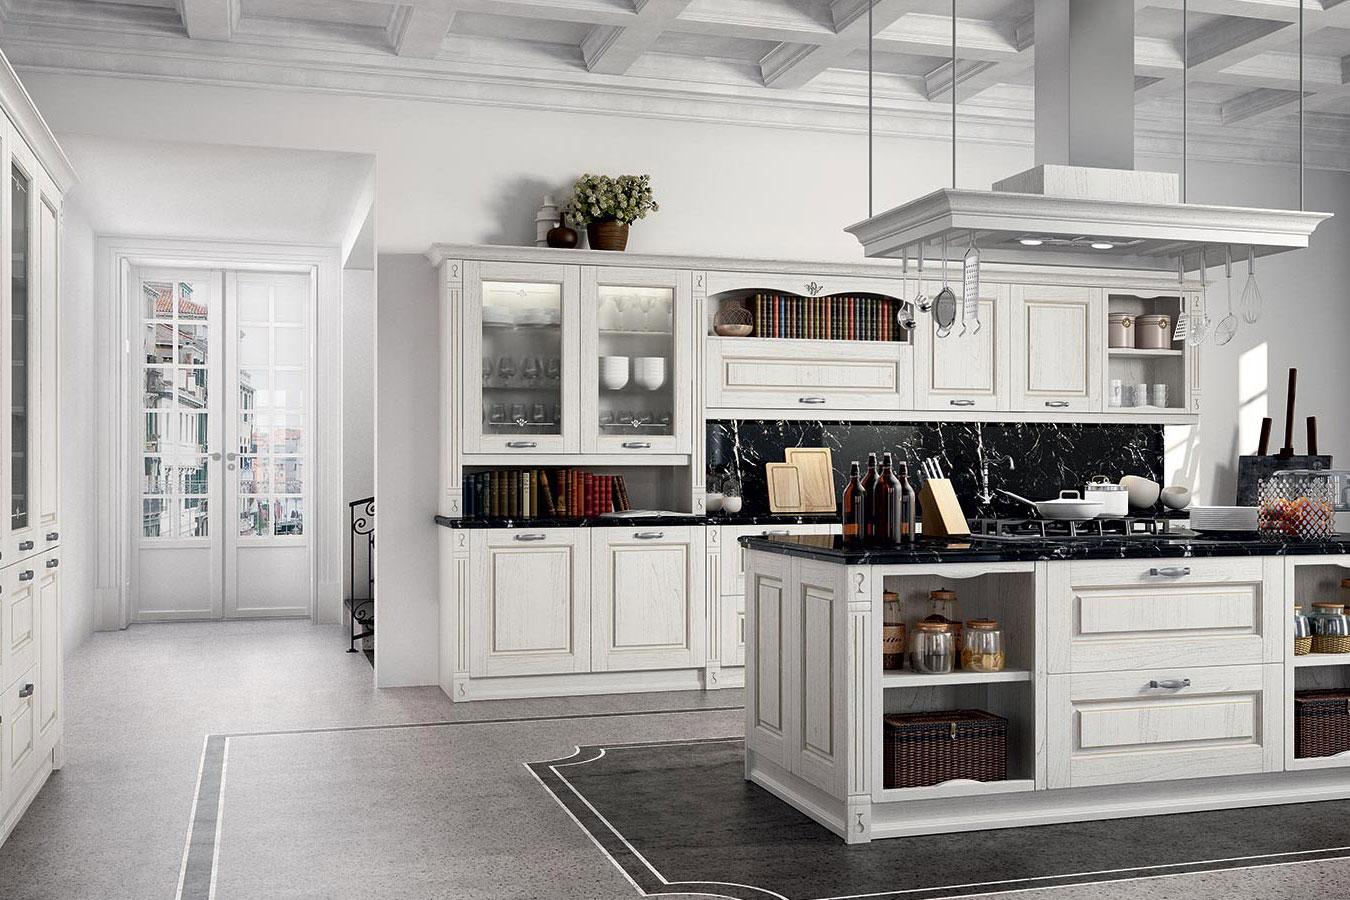 Arredo cucina classica regina del giglio la cucina - Arredo cucina classica ...